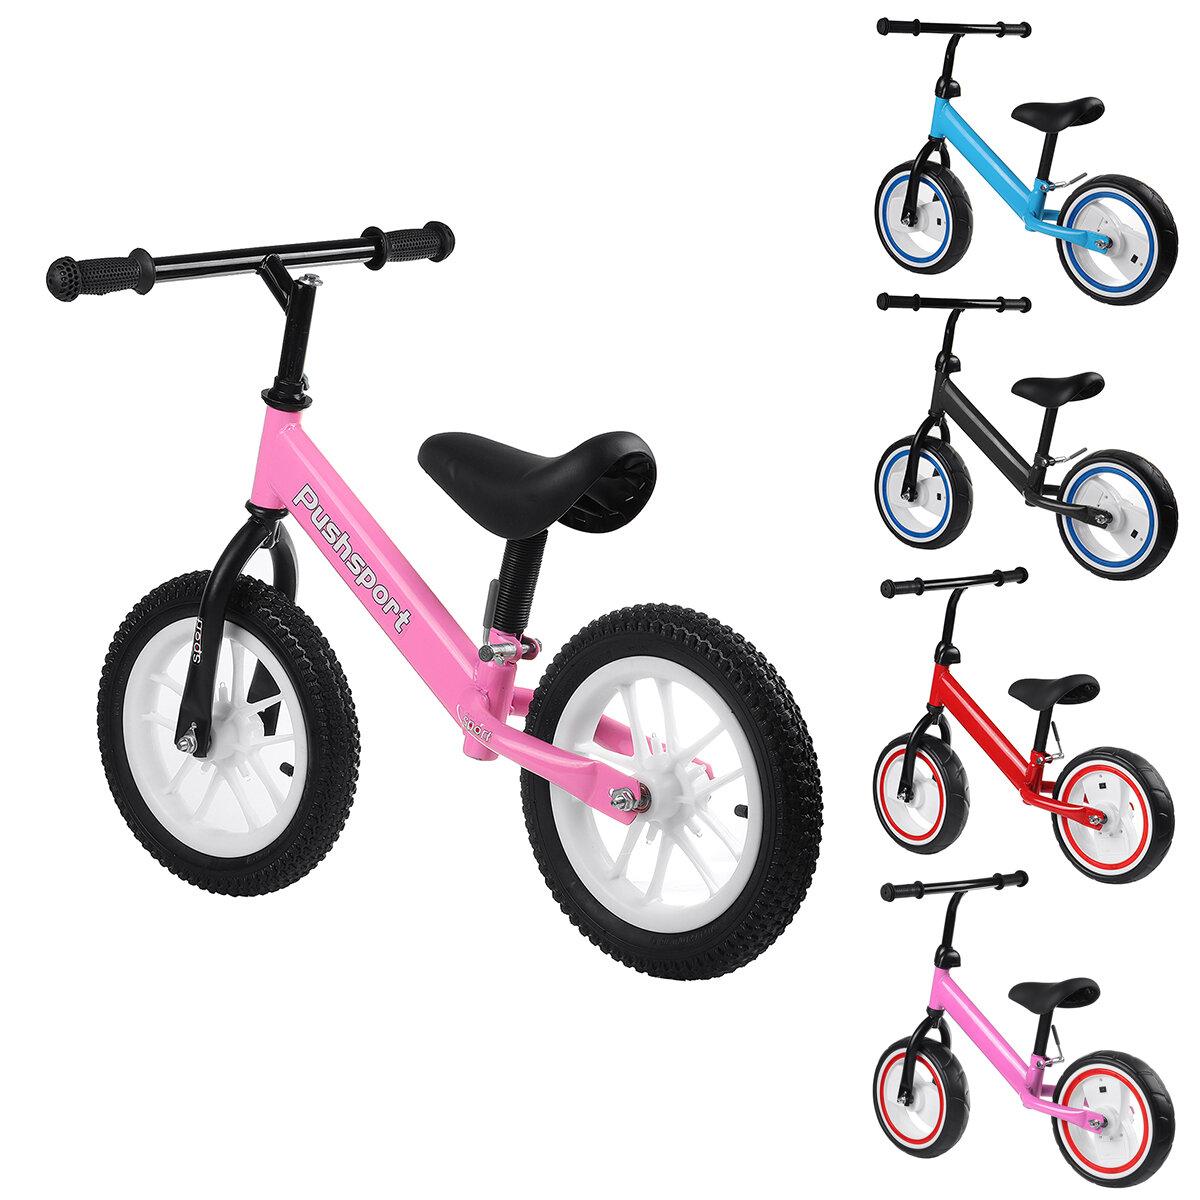 دراجات أطفال ذات توازن وامض قابل للتعديل الارتفاع مع وسائد مريحة ، مقابض غير قابلة للانزلاق مقاومة للاهتراء ، إطارات مطا